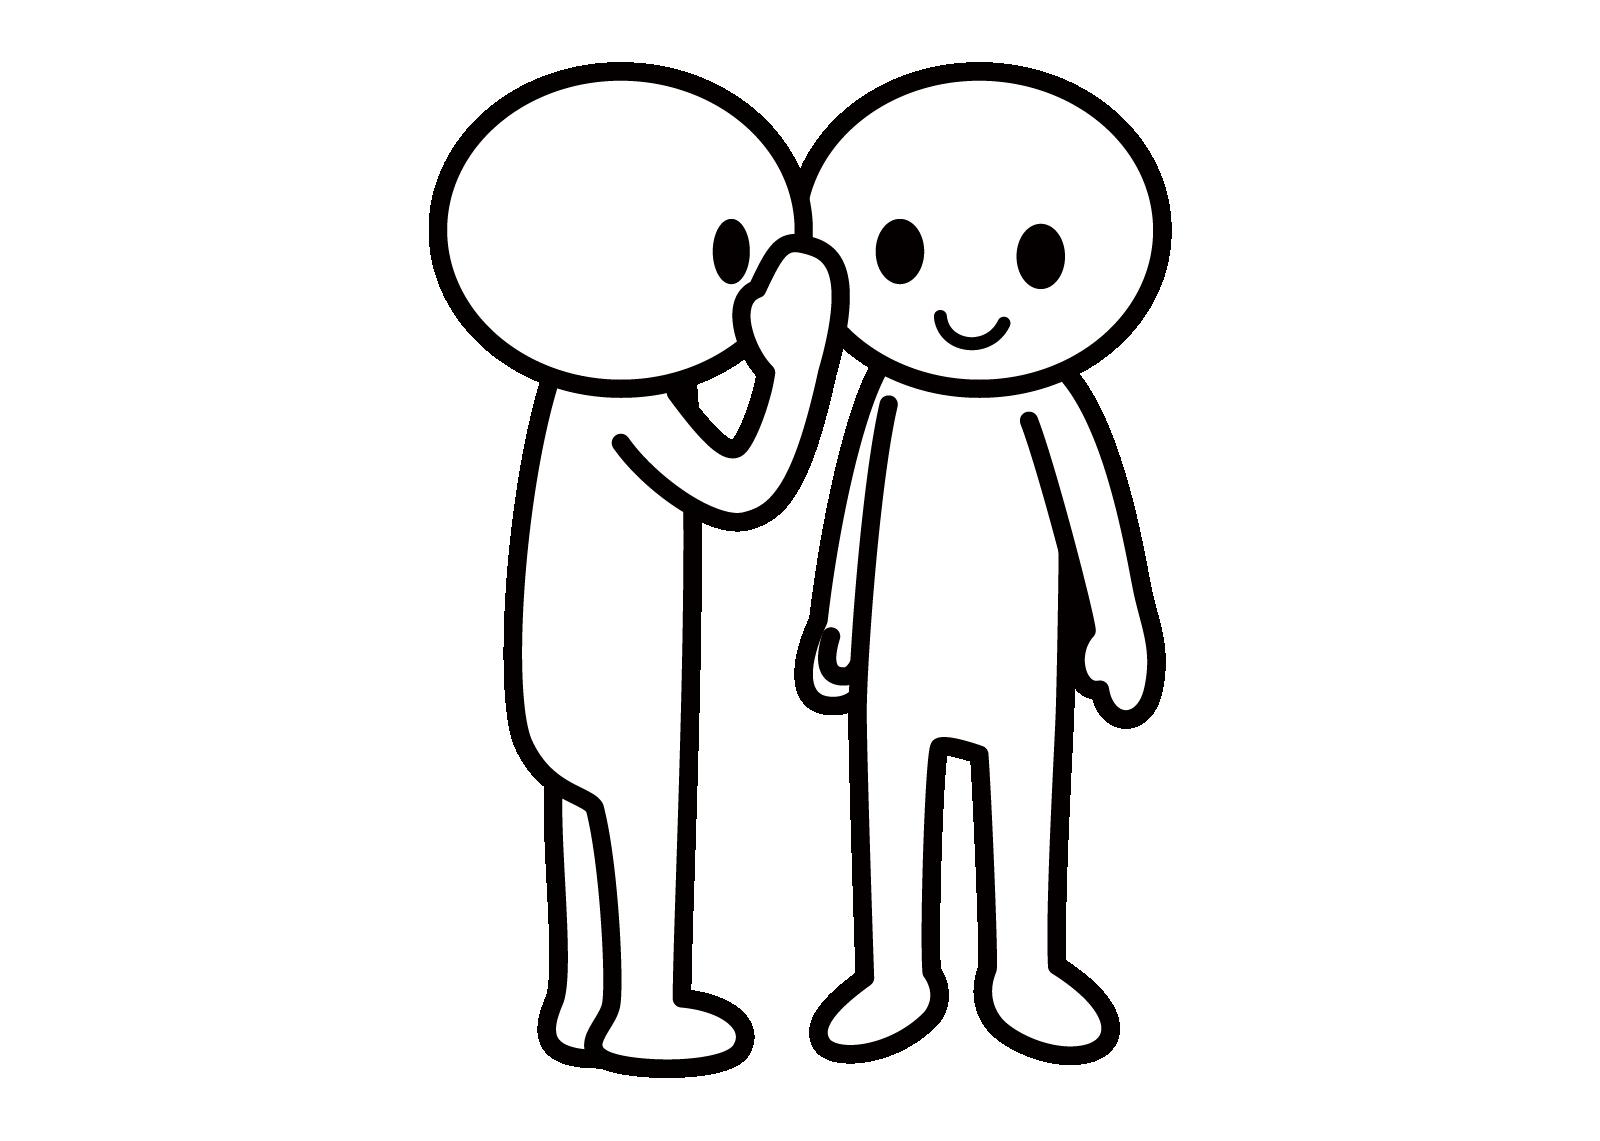 【経験者合格座談会(後)】「2次」についての素朴な疑問